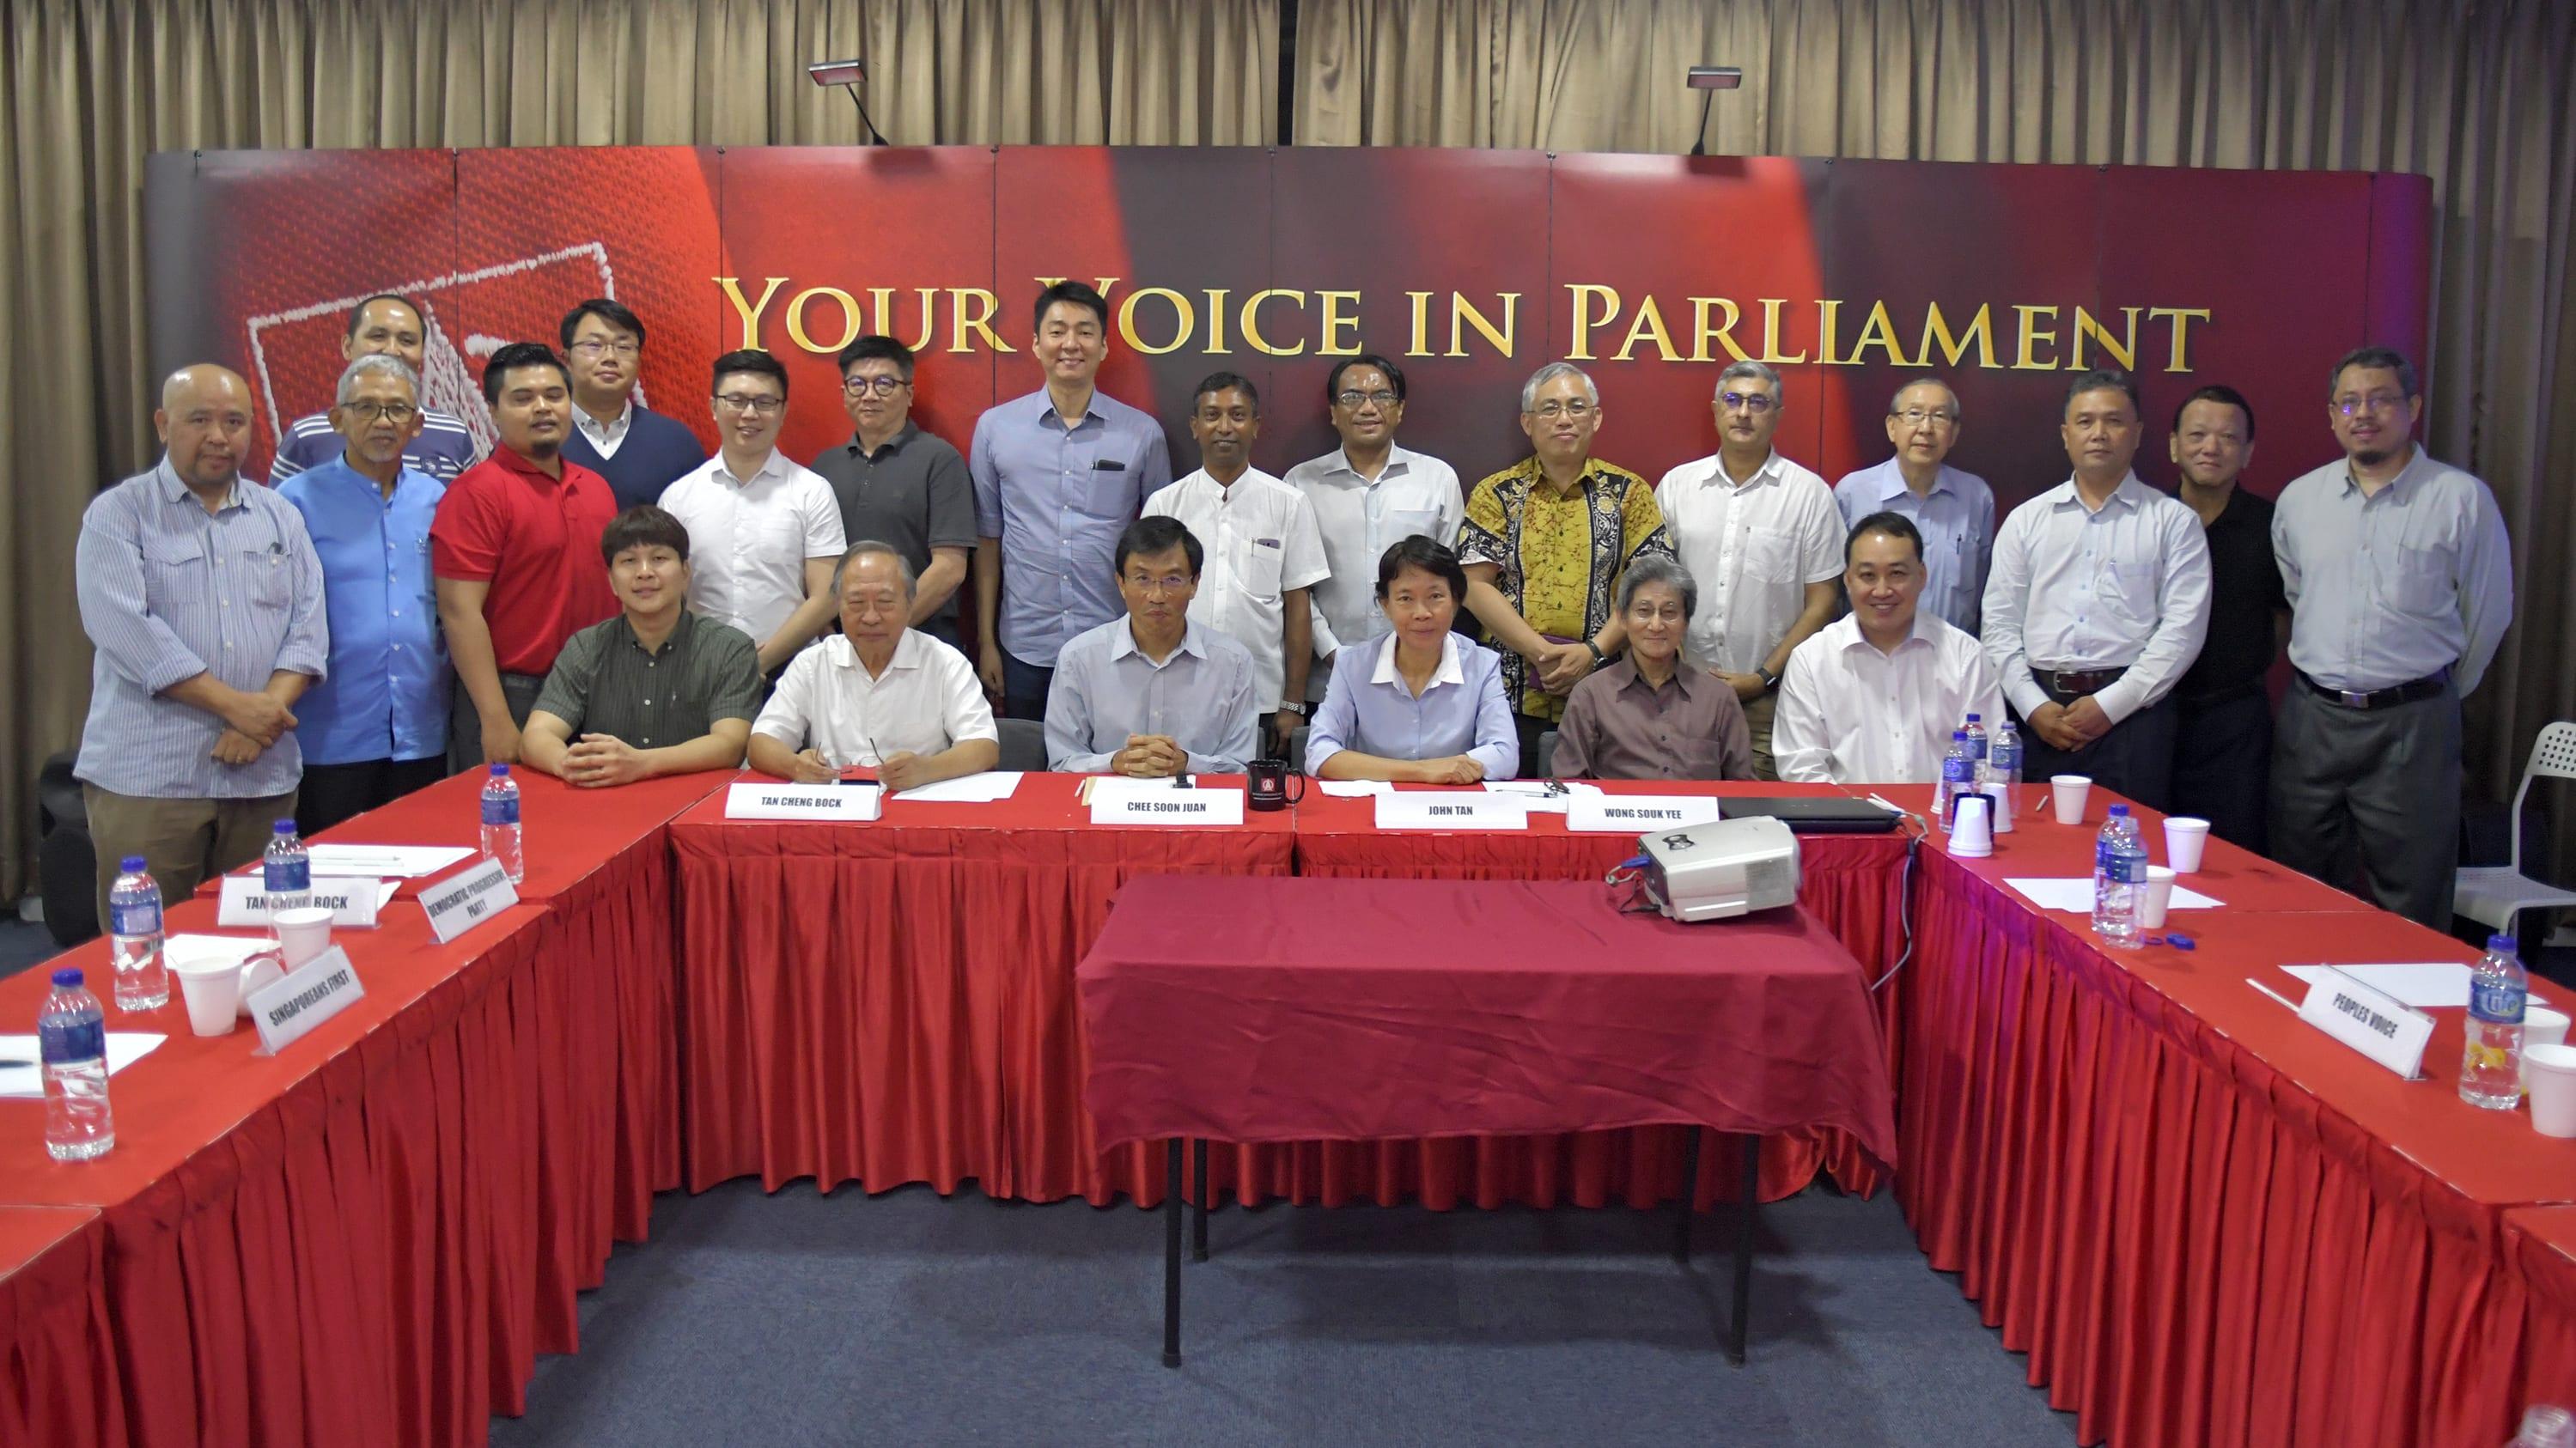 2018年7月,新加坡七个反对党的成员探讨成立反对党联盟。